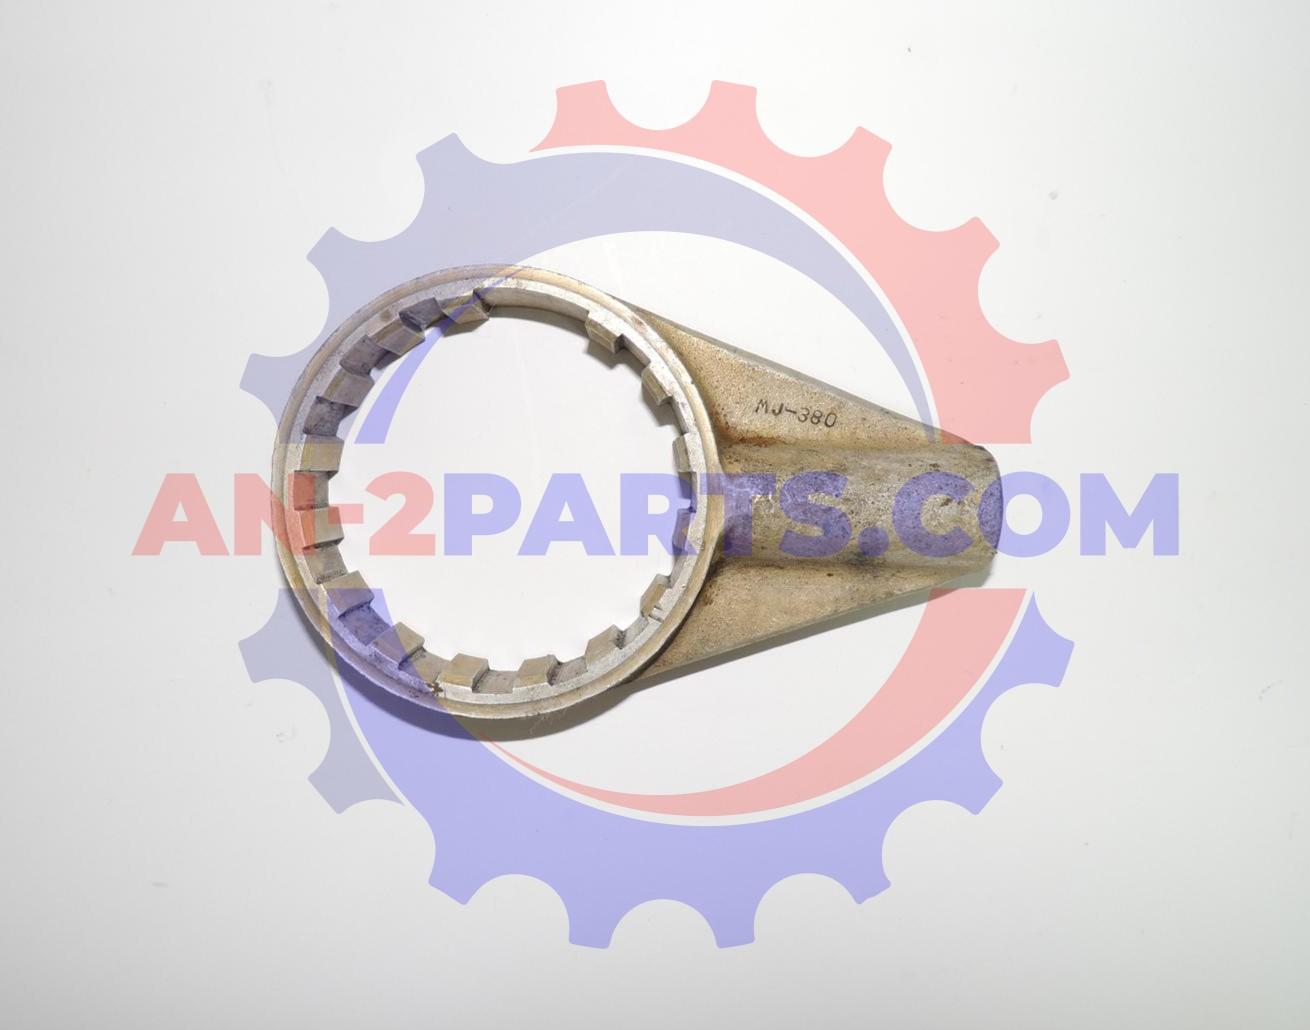 Klucz do wału silnika, Motor shaft tool